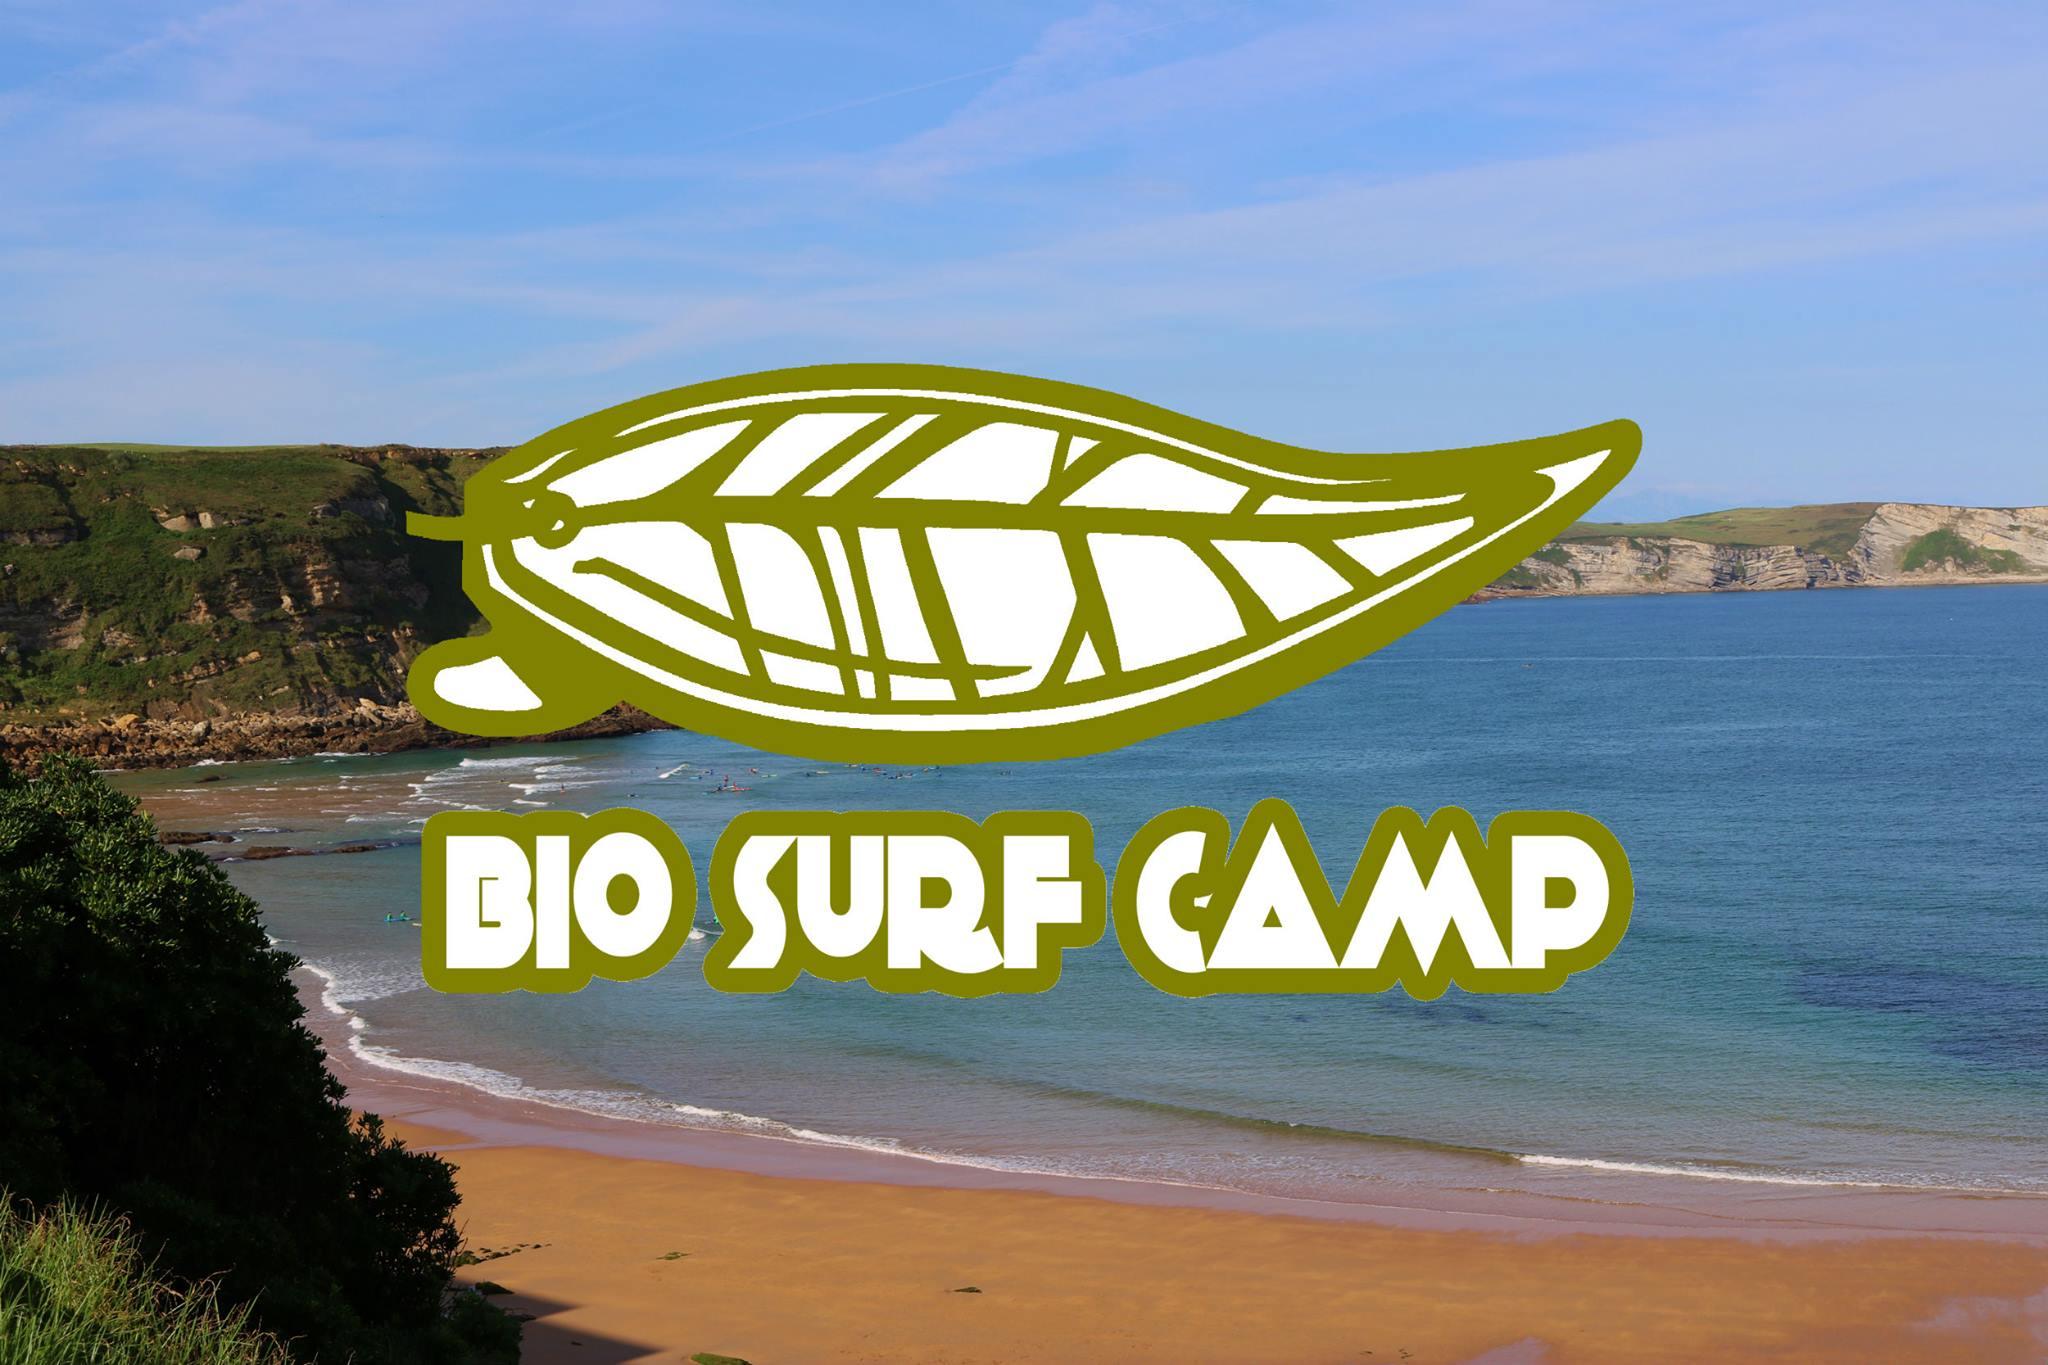 Imagen de Bio Surf Camp,                                         propietario de Bio Surf Camp